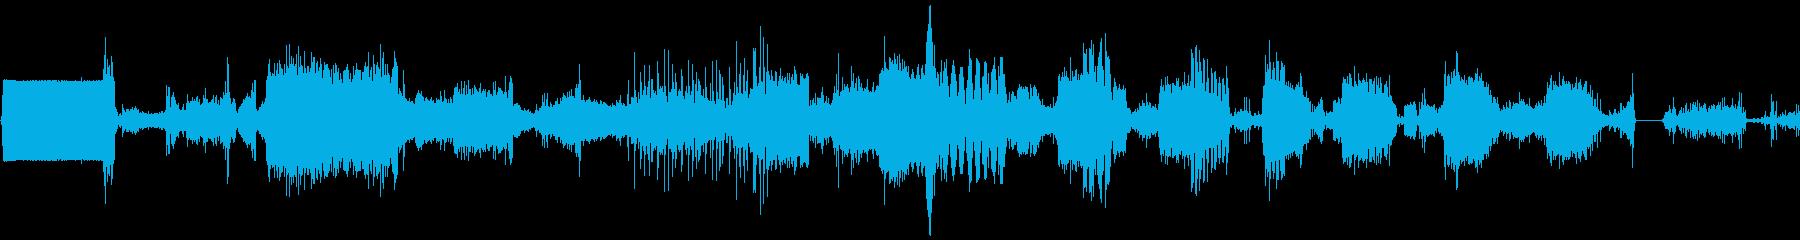 宇宙コンピューターハイテクデータ印刷の再生済みの波形